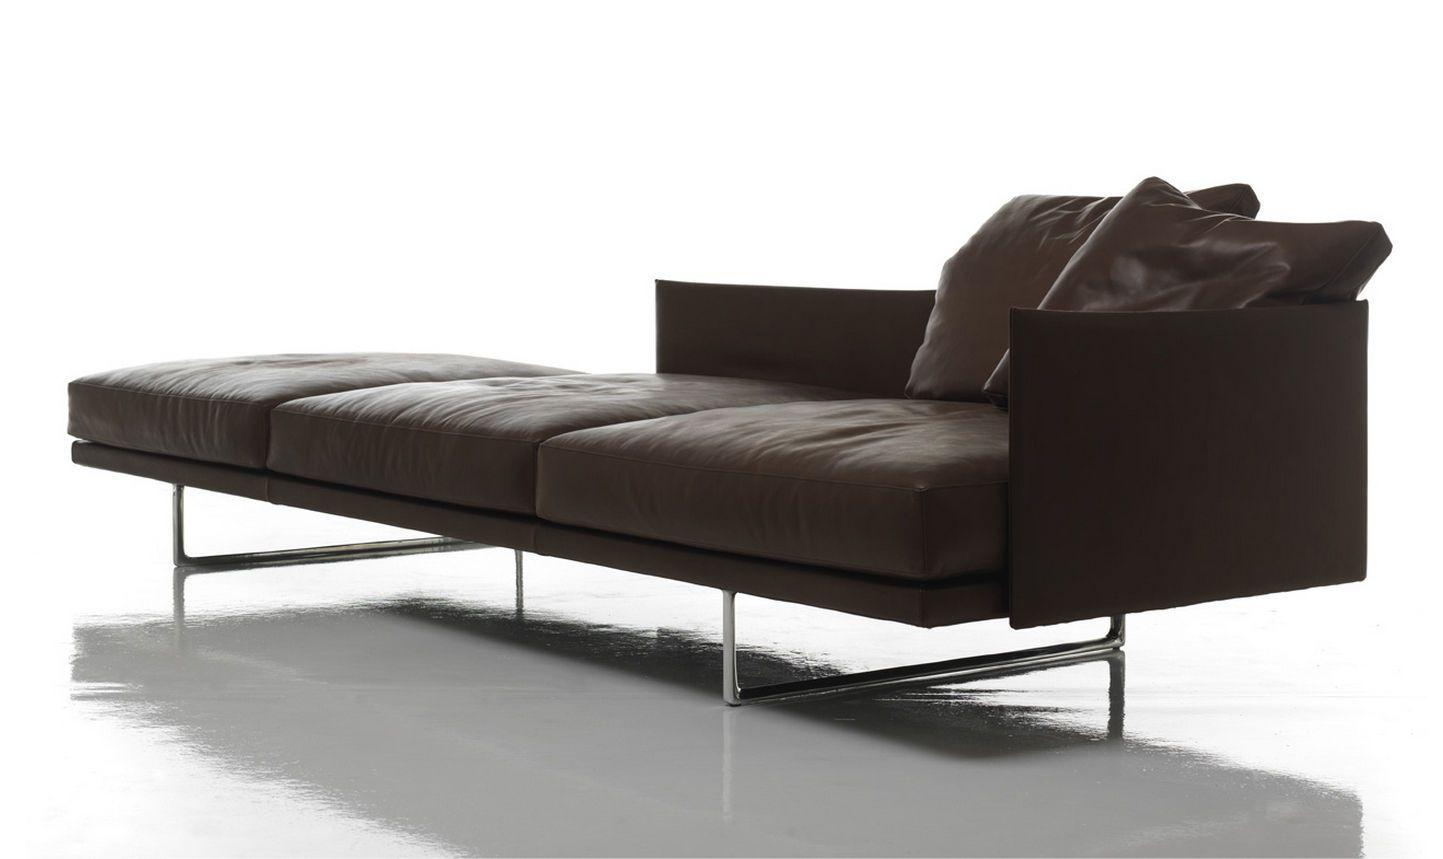 Modular sofa / contemporary / by Piero Lissoni 185-188 TOOT Cassina